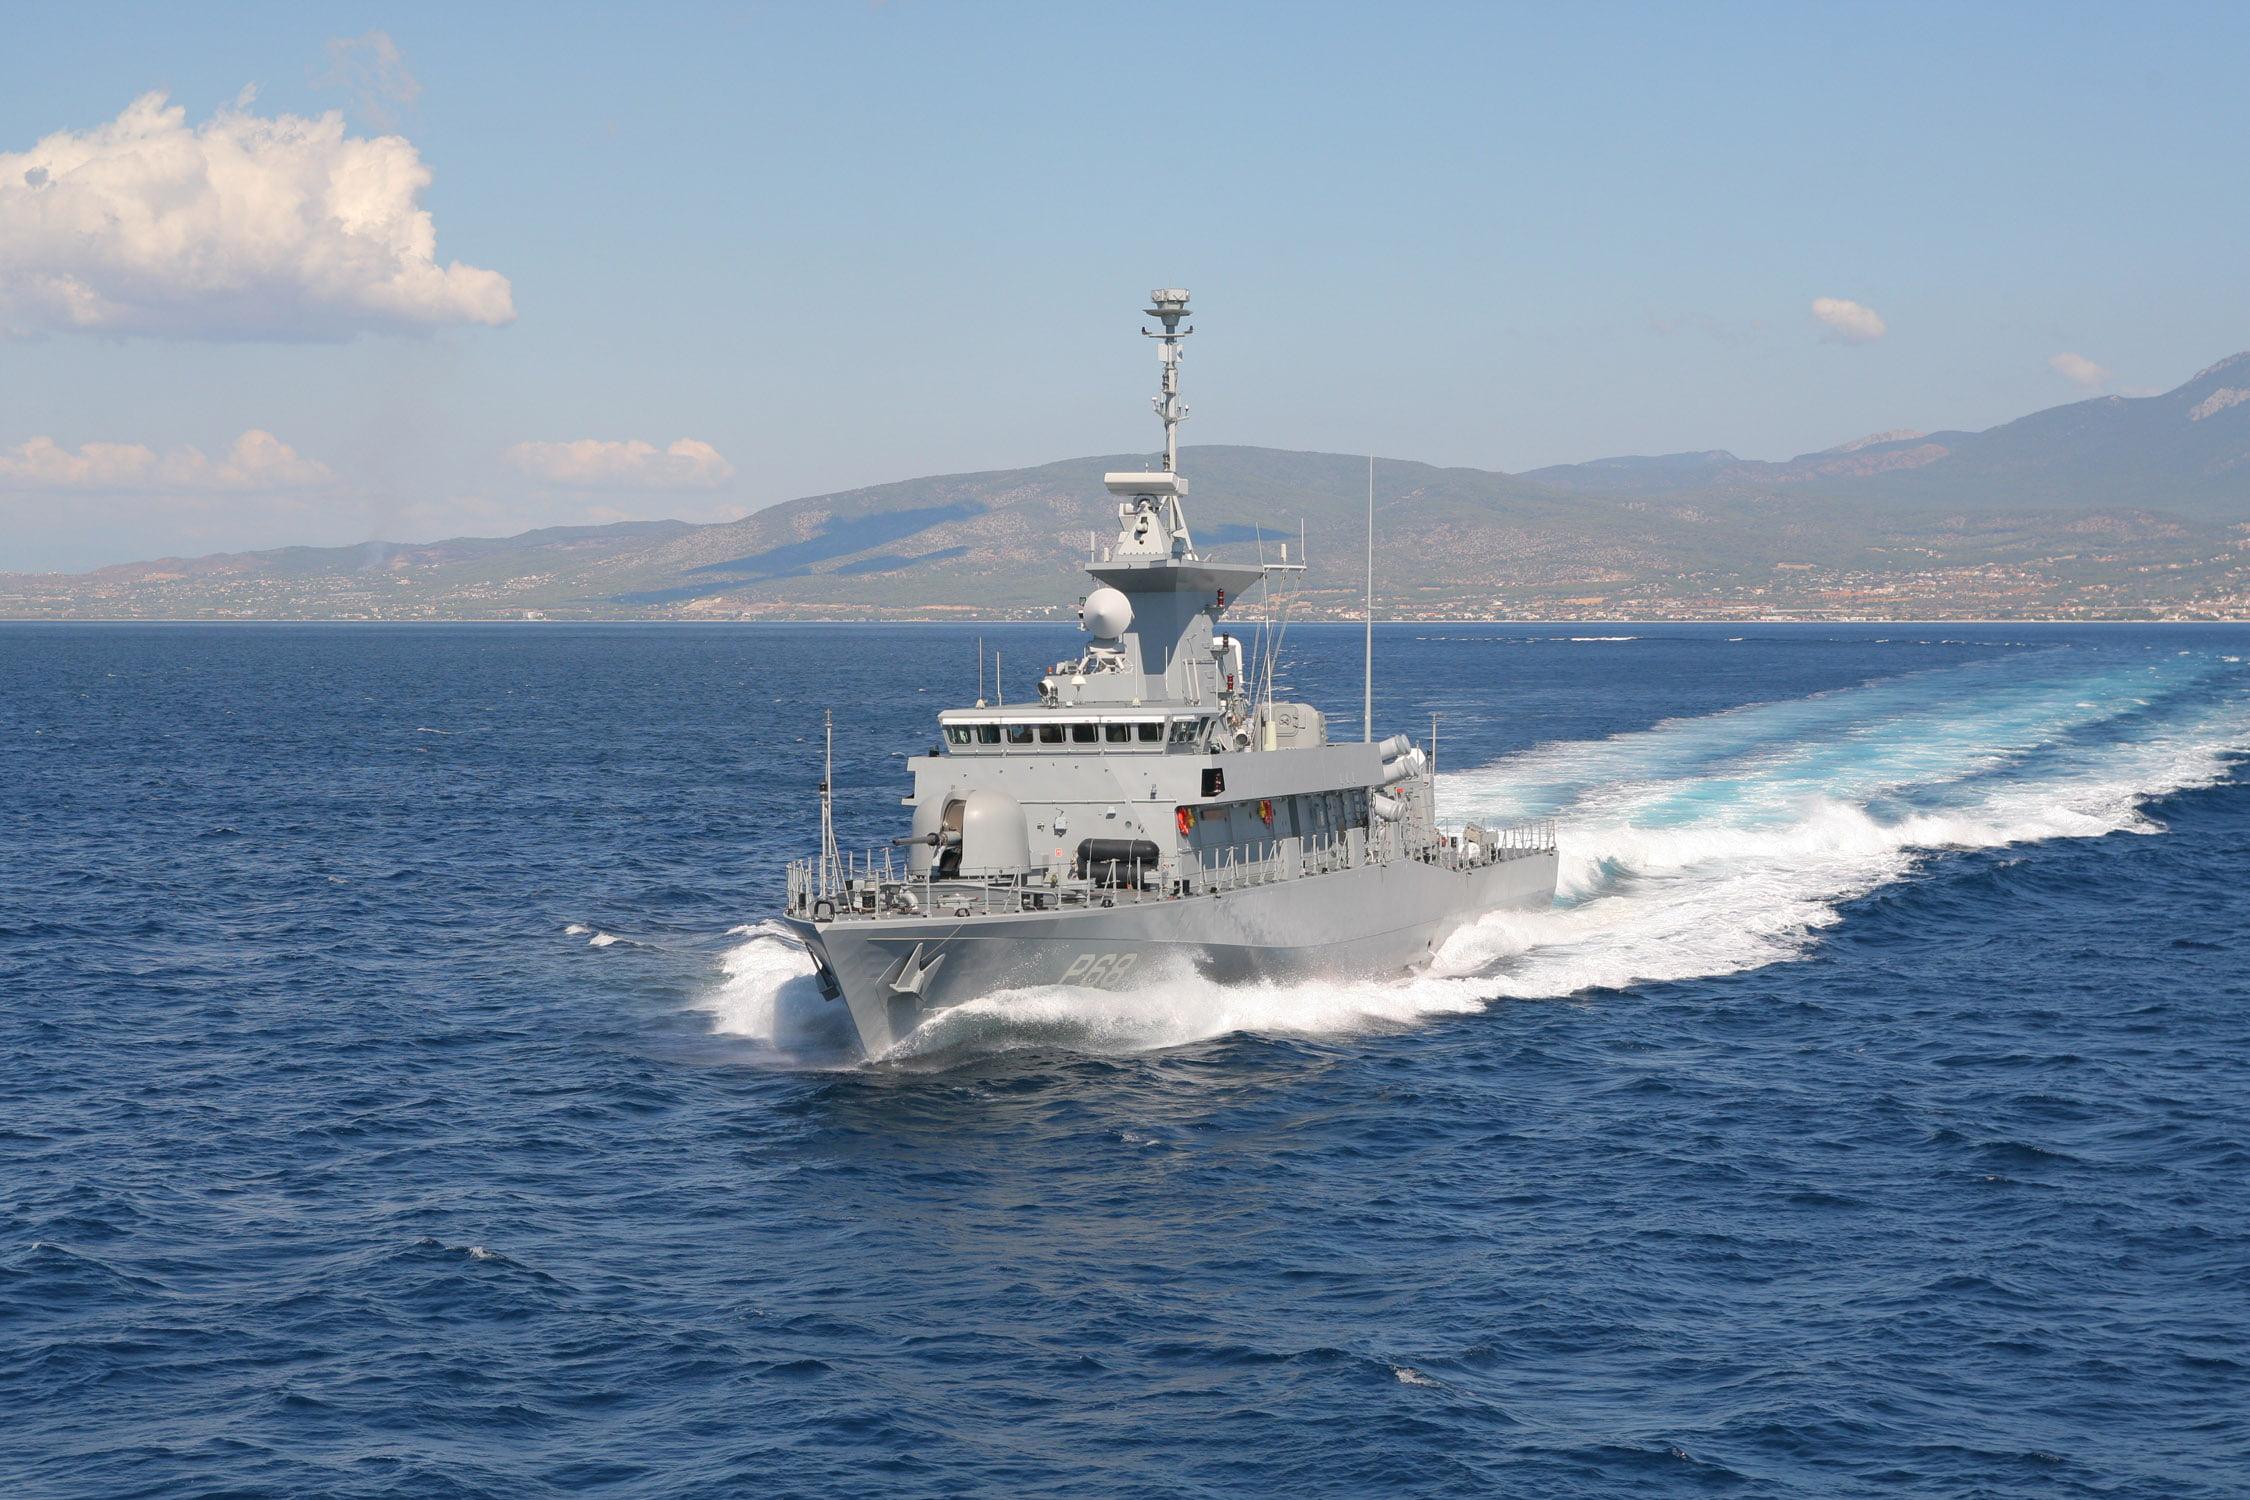 «Κλειδώνει» την ελληνική υφαλοκρηπίδα το Πολεμικό Ναυτικό – Η απάντηση στις παράτυπες τουρκικές navtex – Το σχέδιο περιπολίας σε «ευαίσθητες» περιοχές